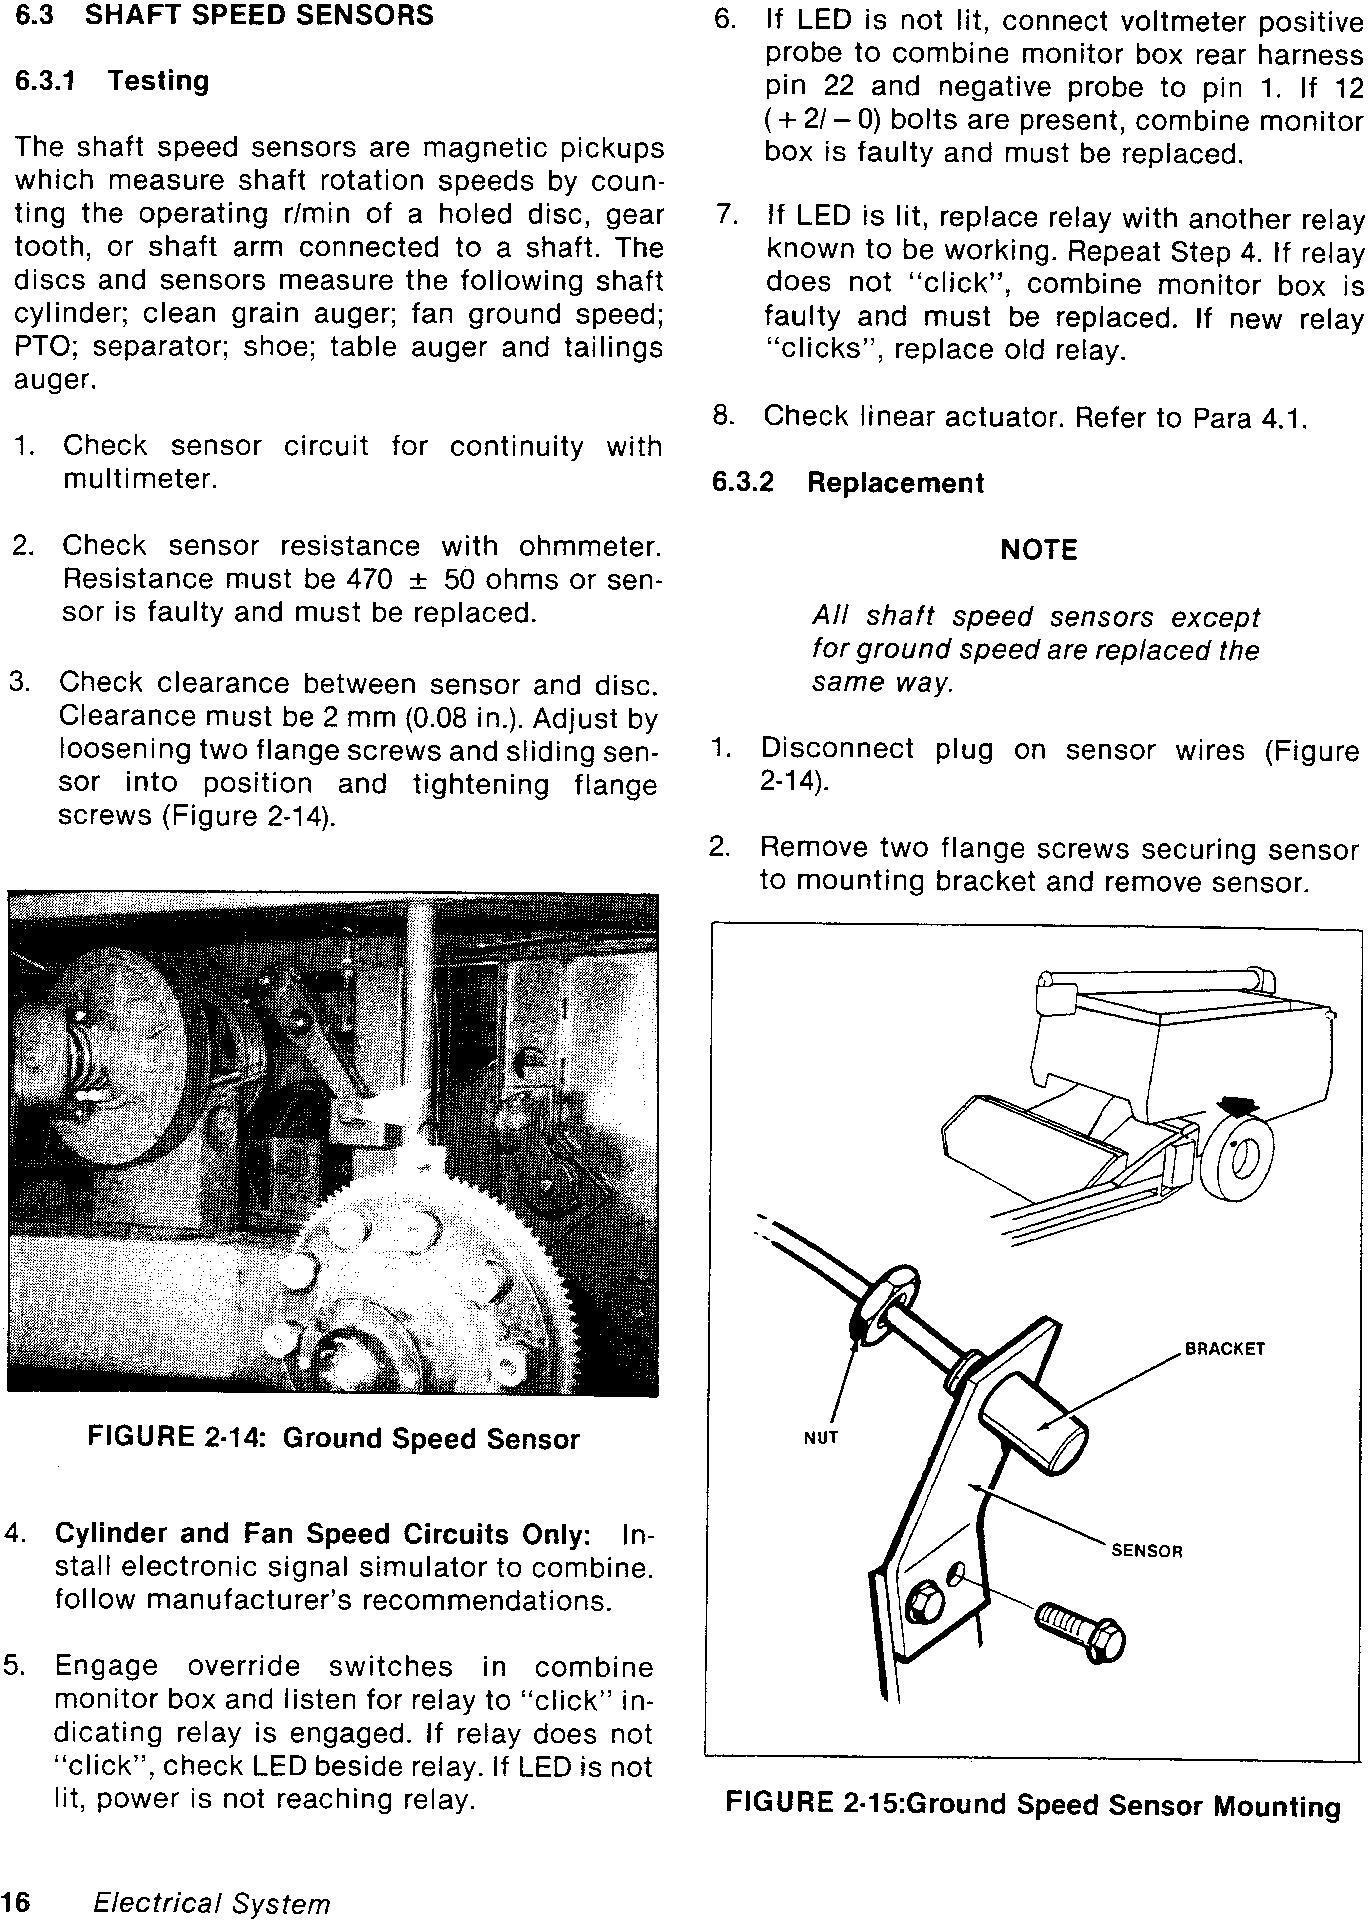 New Holland Versatile 2000 Combine (1985) Service Manual - 2